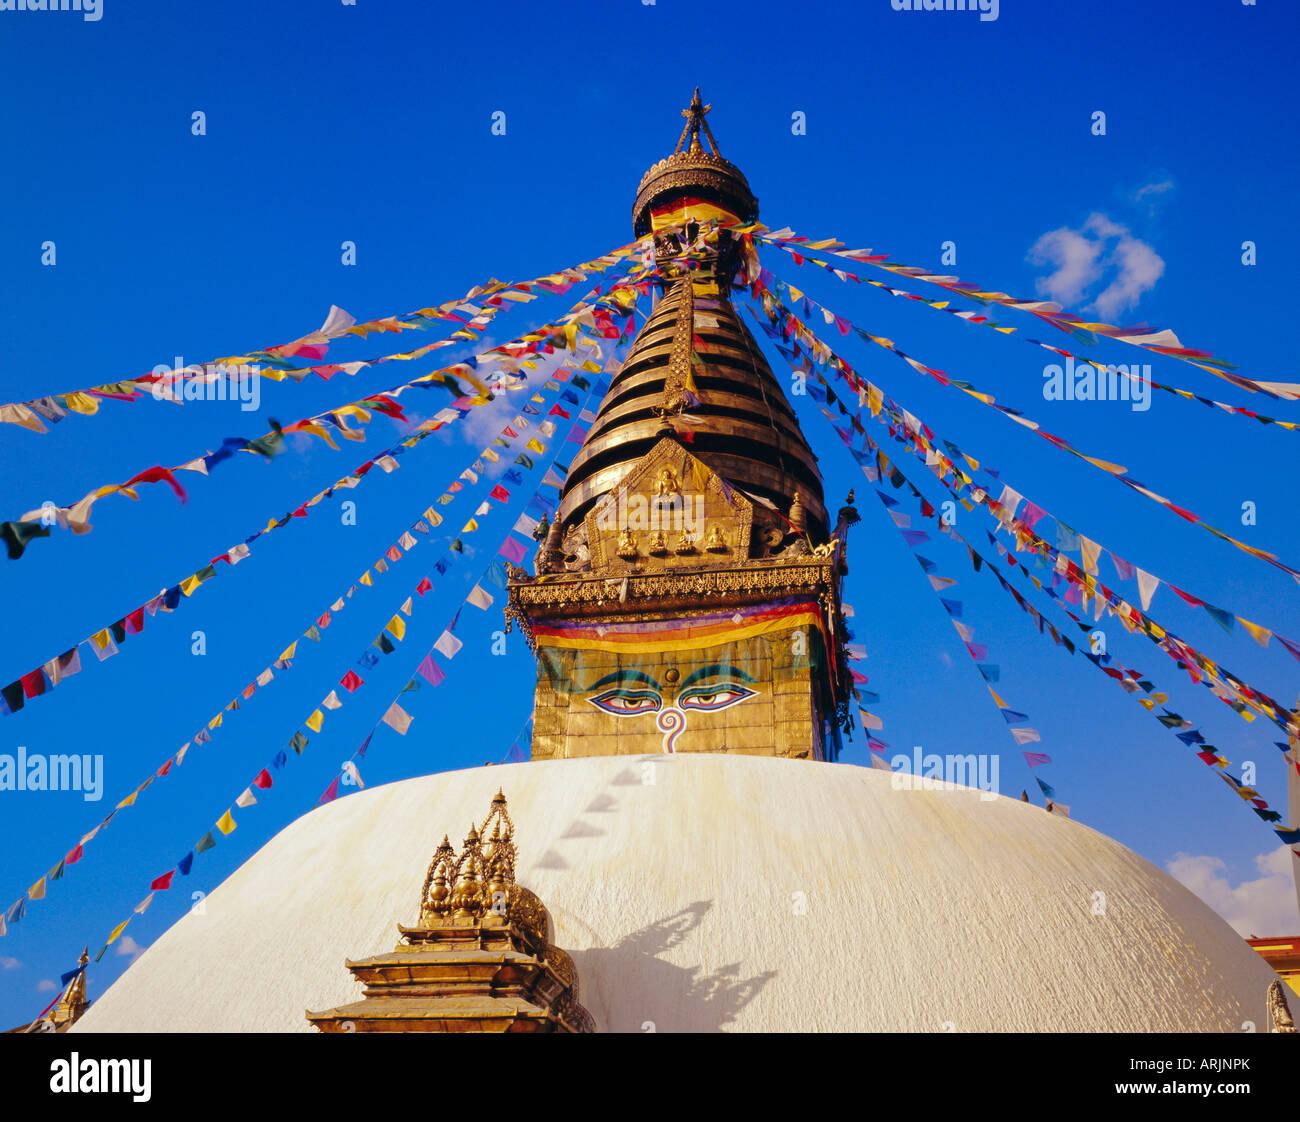 Buddhist stupa at Swayambhunath, Katmandu, Nepal - Stock Image